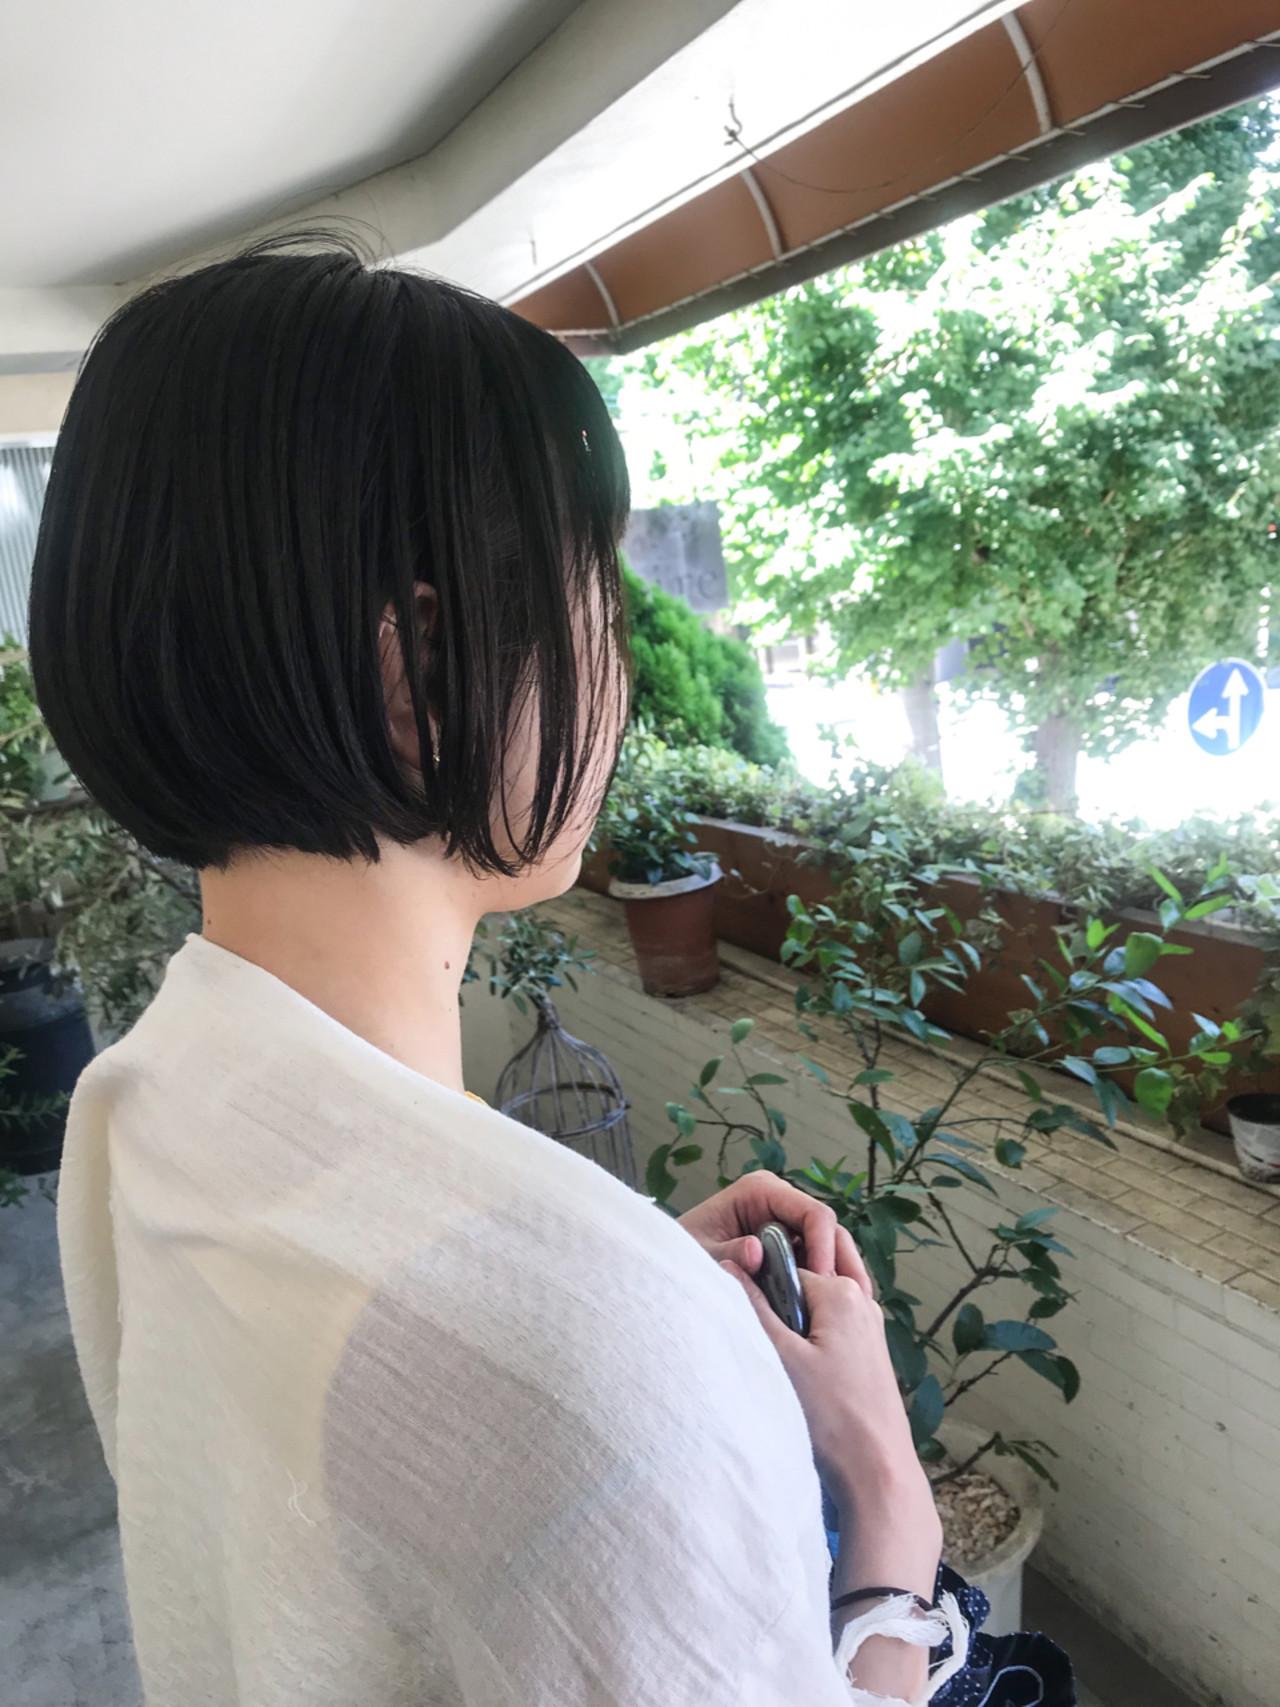 アウトドア ストリート エフォートレス スポーツ ヘアスタイルや髪型の写真・画像 | 仙石将也 rire / rire